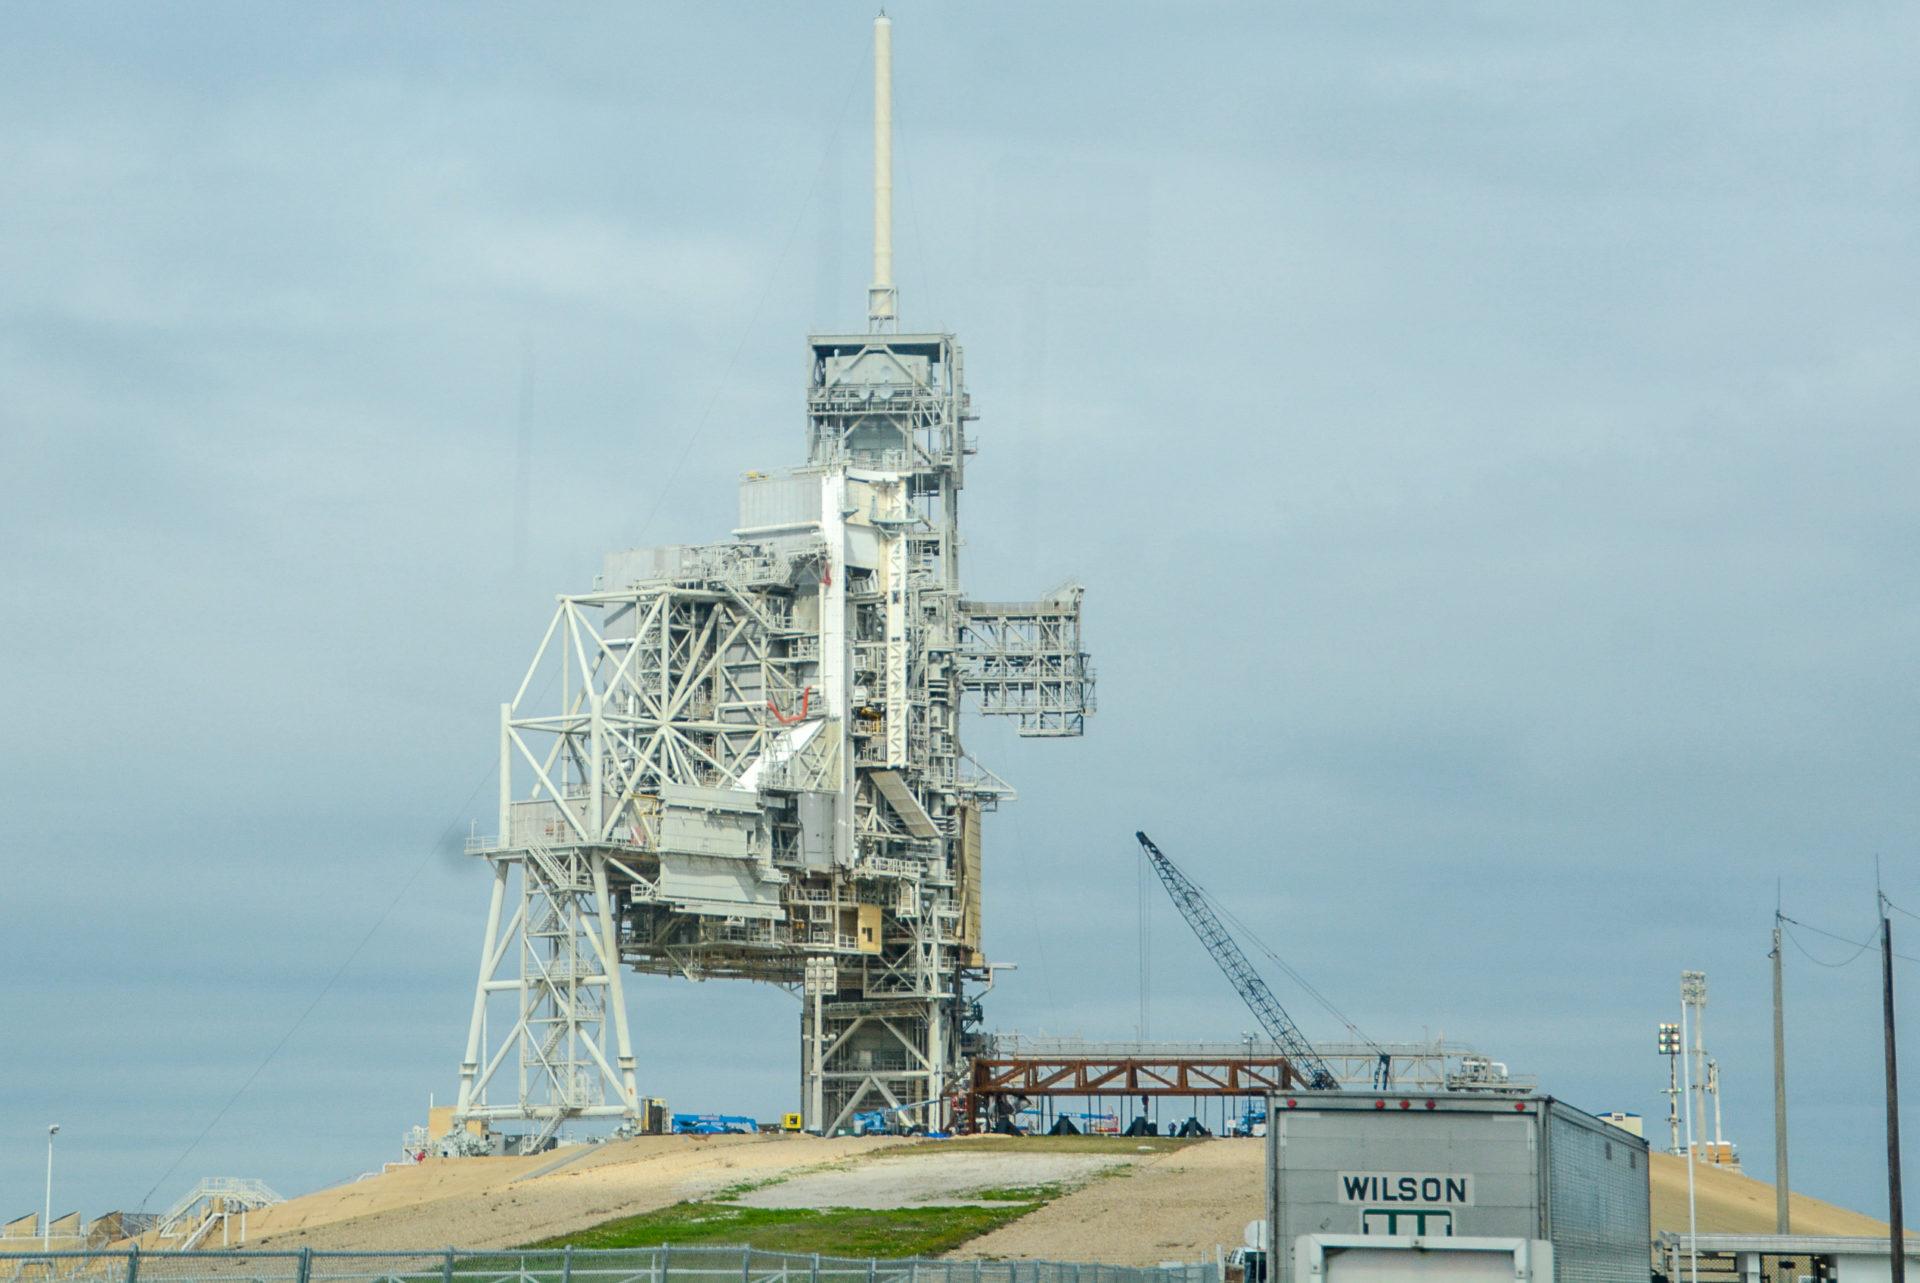 Abschussrampe für Raketen auf Cape Canaveral